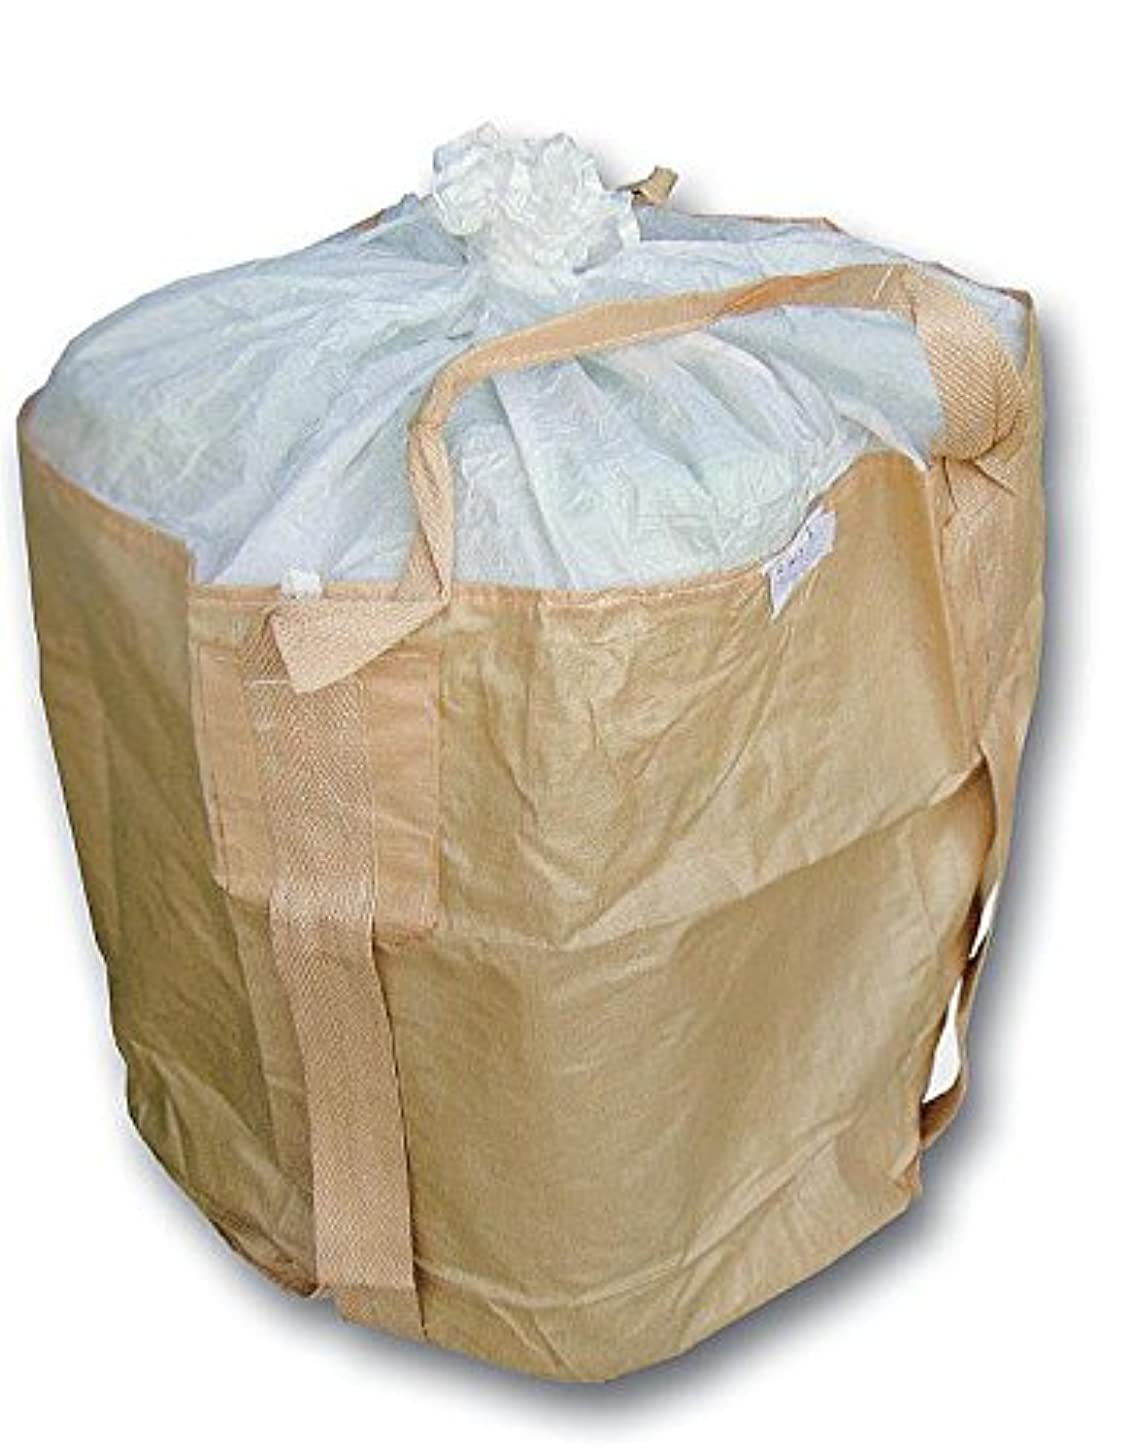 使役治すビールフレコンバック10枚組 1トン用 (002A) 1t フレキシブルコンテナバッグ 土のう袋